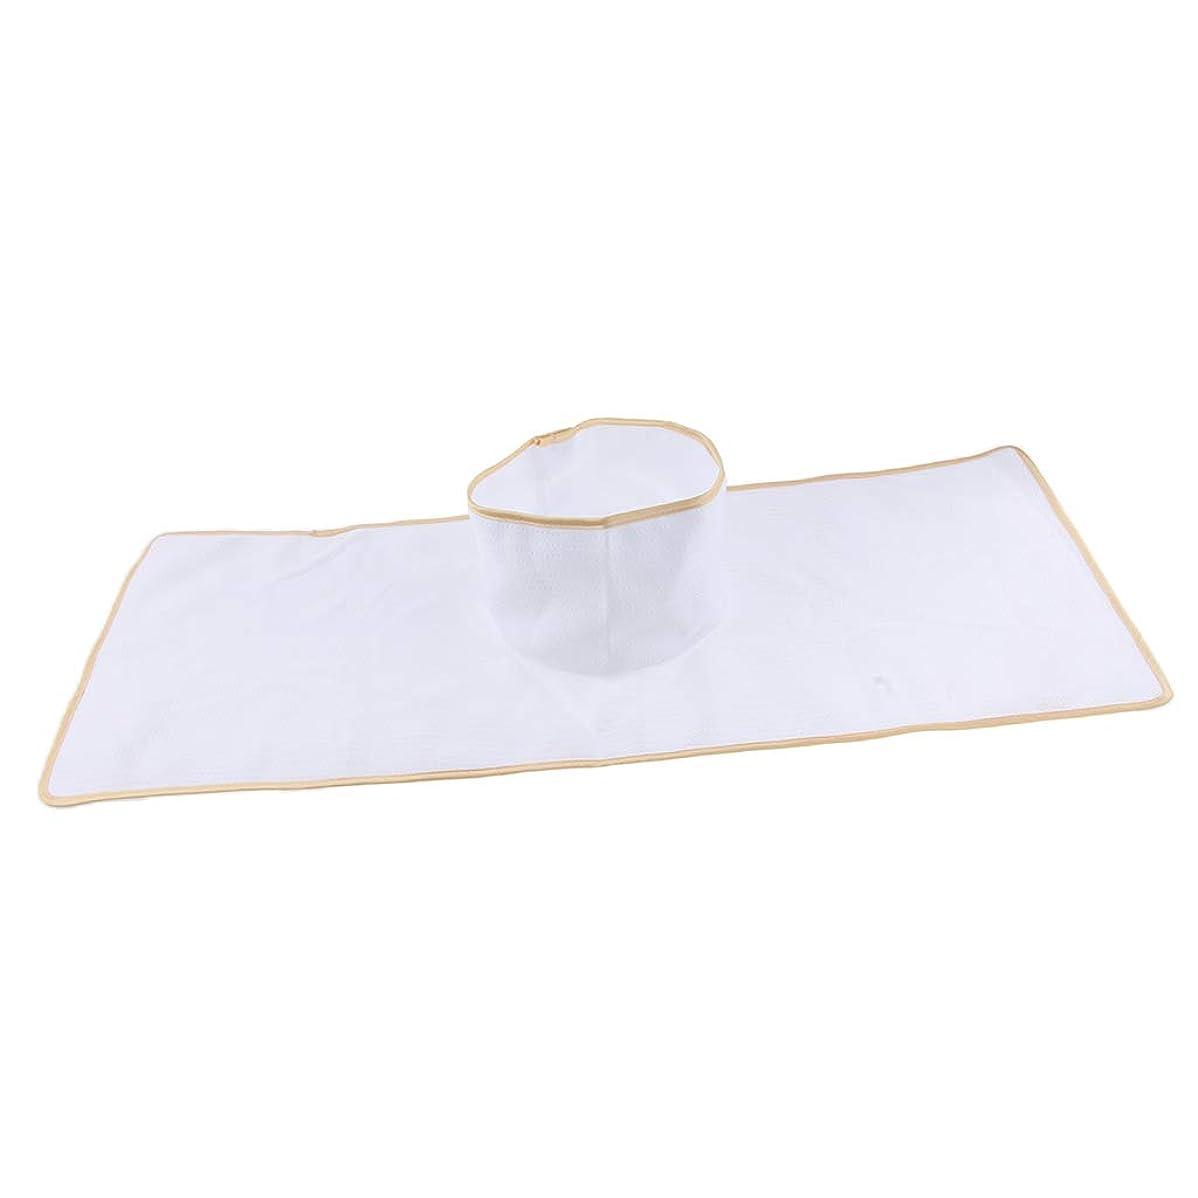 ノイズ商標インタラクションD DOLITY サロン マッサージベッドシート 穴付き 衛生パッド 再使用可能 約90×35cm 全3色 - 白